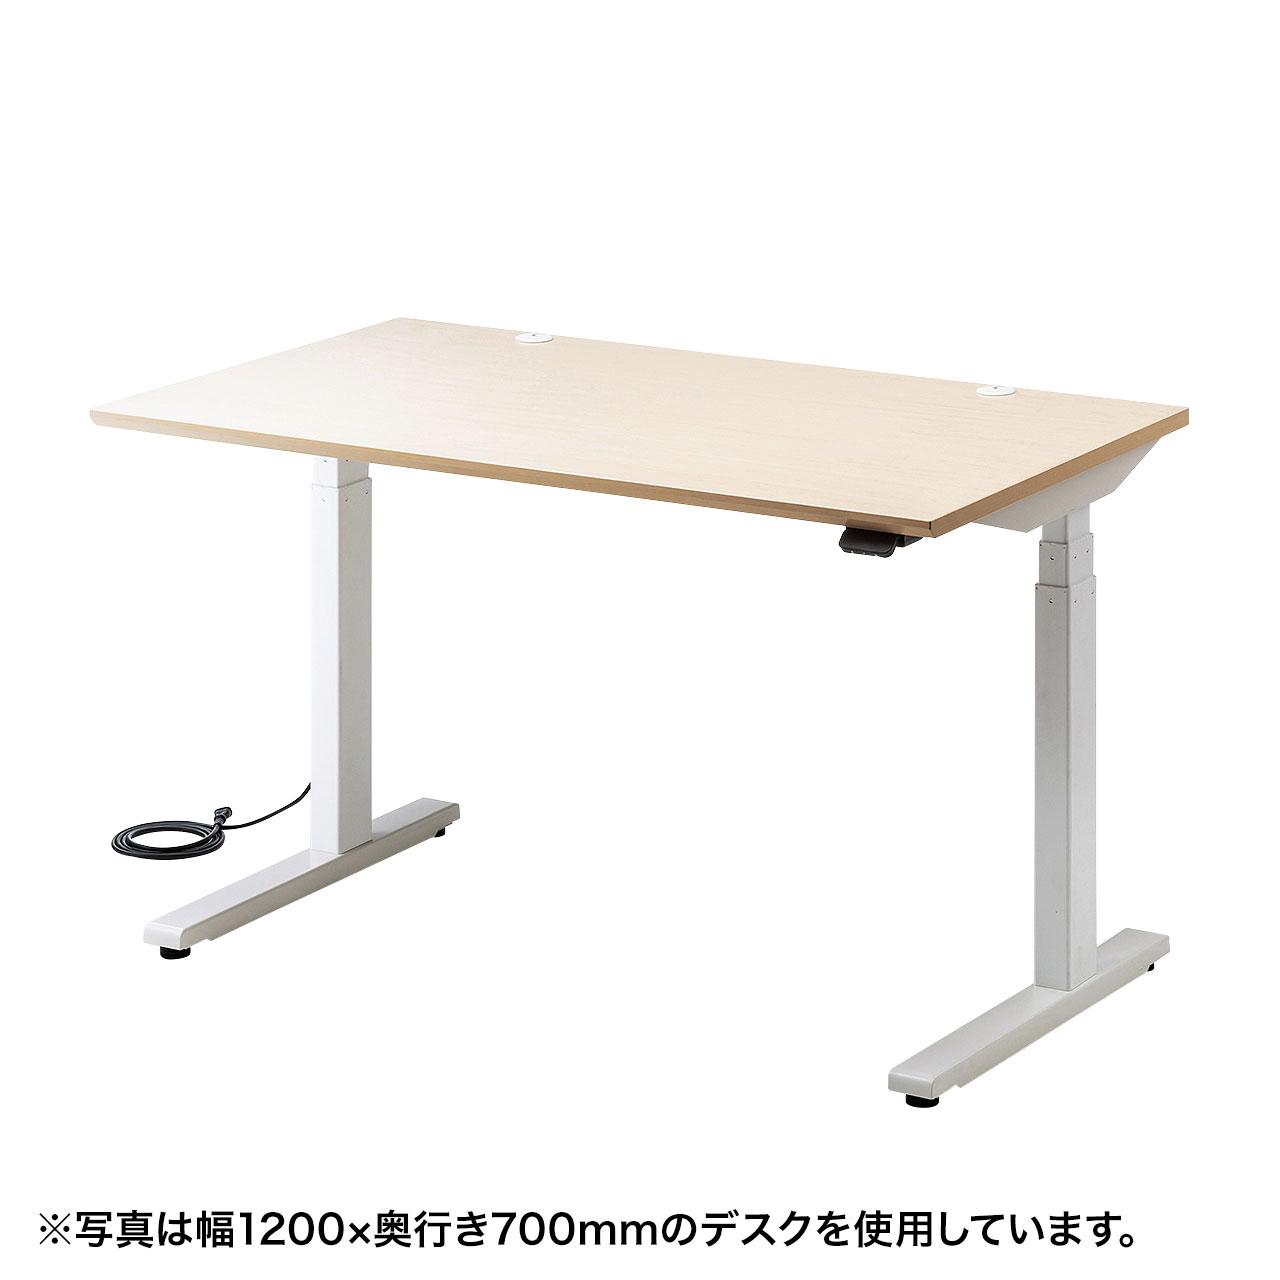 電動上下昇降デスク(W1200×D800mm・薄い木目)商品画像